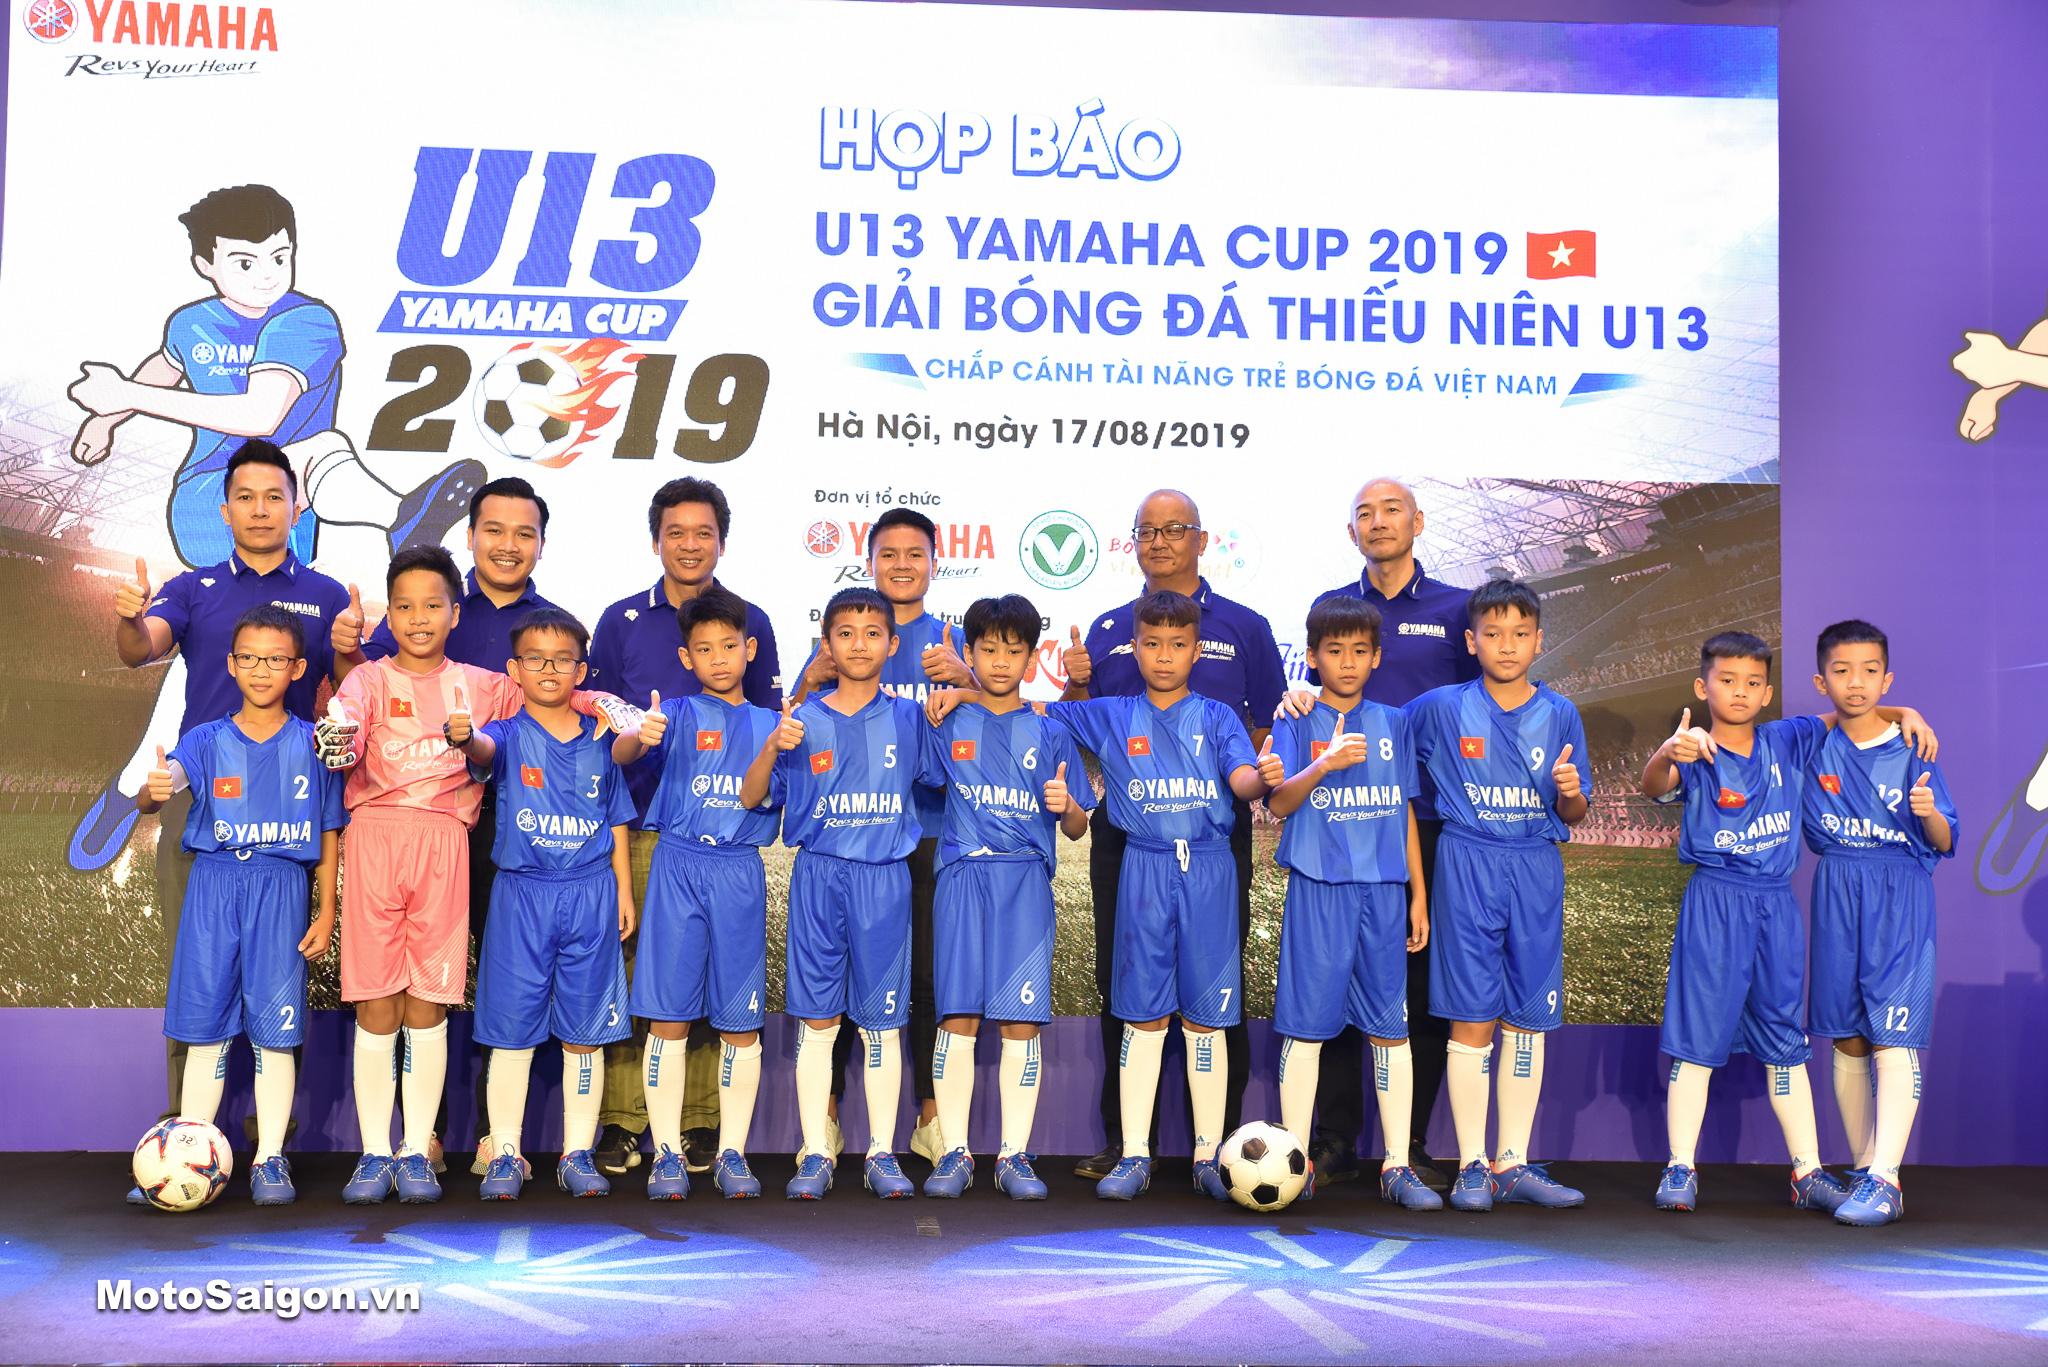 Thông tin Giải bóng đá thiếu niên U13 YAMAHA CUP 2019